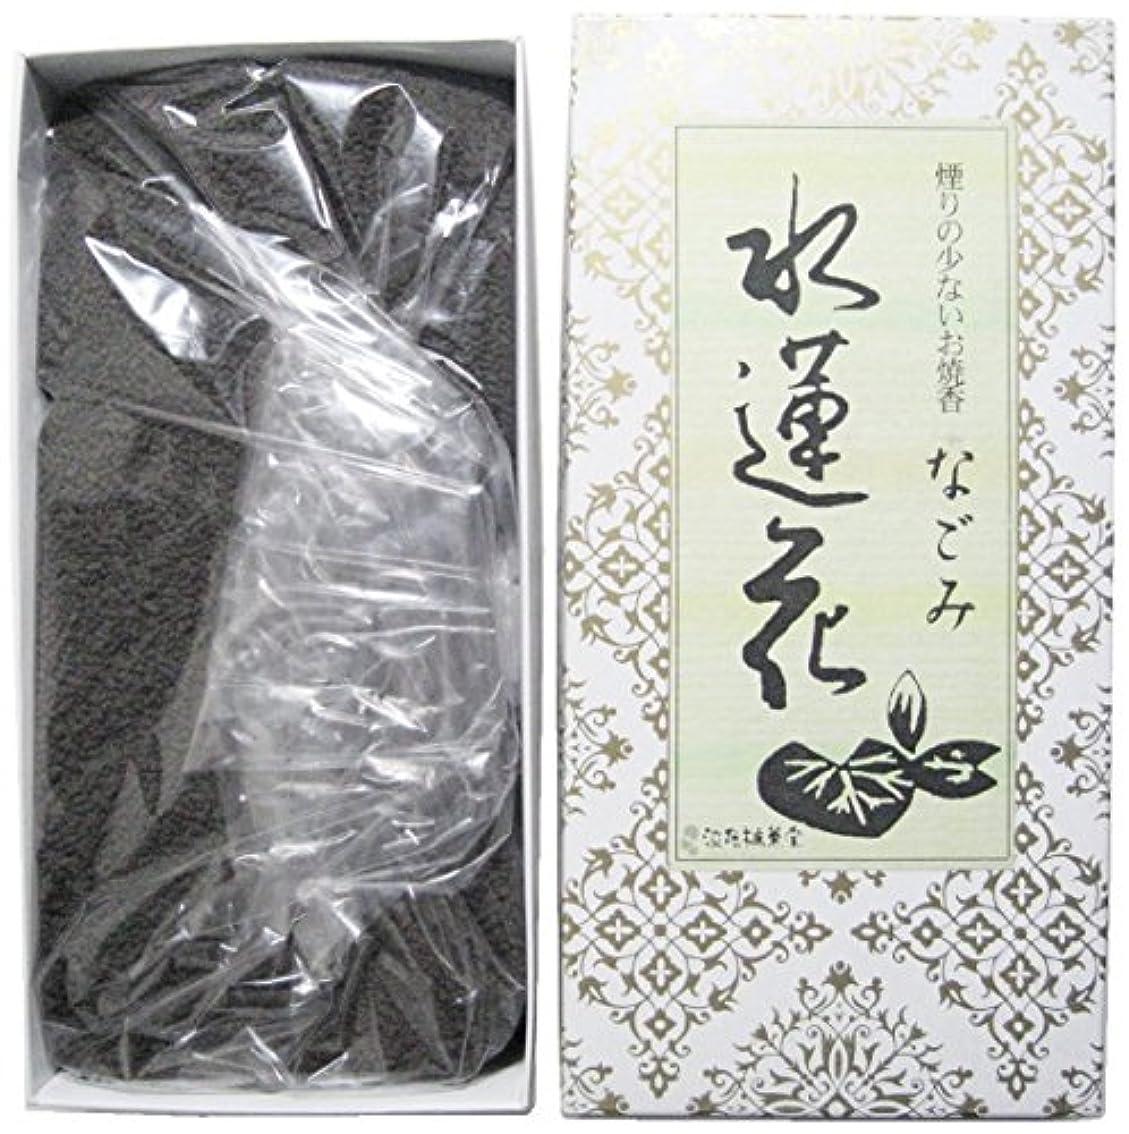 アンティーク治療報酬の淡路梅薫堂の煙の少ないお焼香 なごみ 水蓮花 500g #931 お焼香用 けむりの少ないお香